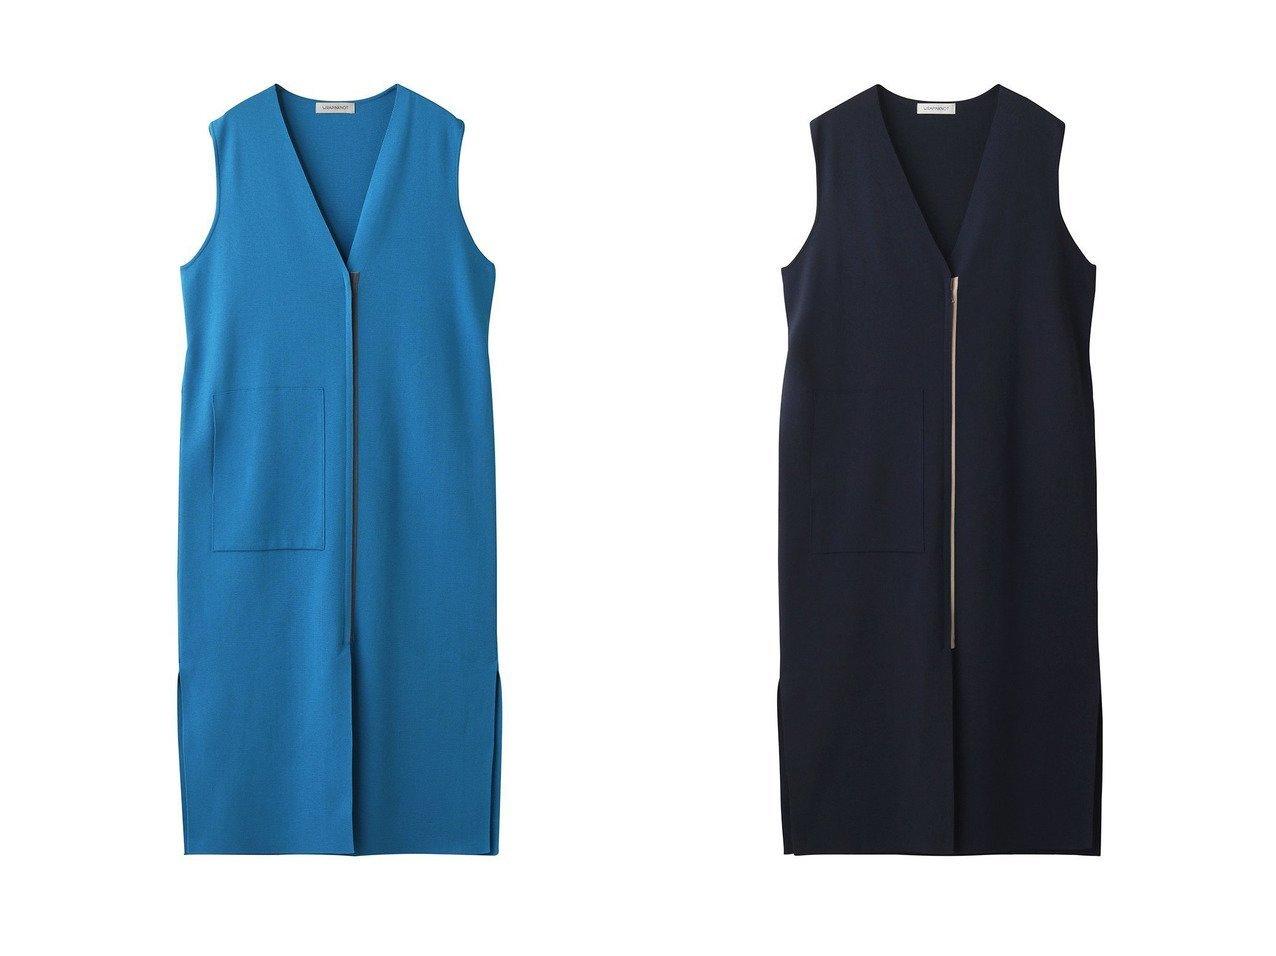 【WRAPINKNOT/ラッピンノット】のミラノリブ2wayニットワンピース ワンピース・ドレスのおすすめ!人気、トレンド・レディースファッションの通販 おすすめで人気の流行・トレンド、ファッションの通販商品 メンズファッション・キッズファッション・インテリア・家具・レディースファッション・服の通販 founy(ファニー) https://founy.com/ ファッション Fashion レディースファッション WOMEN ワンピース Dress ニットワンピース Knit Dresses 2021年 2021 2021 春夏 S/S SS Spring/Summer 2021 S/S 春夏 SS Spring/Summer フォルム ミラノリブ リボン ロング 春 Spring |ID:crp329100000023384